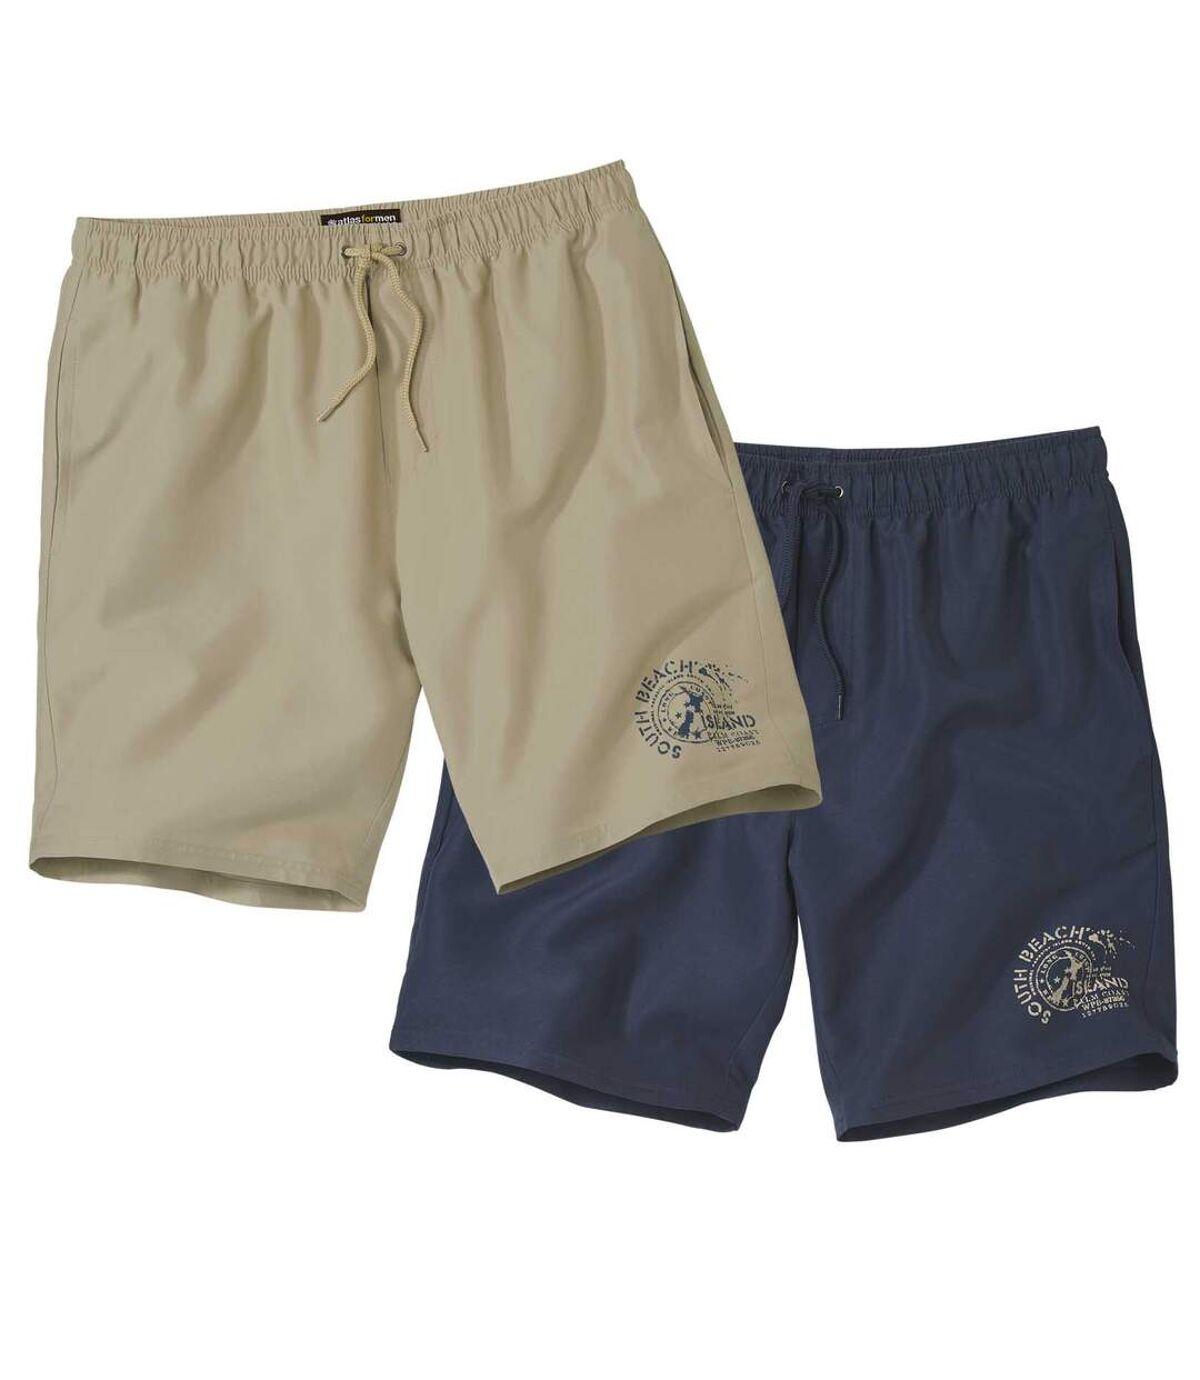 Pack of 2 Men's Tropical Surf Shorts - Navy Beige Atlas For Men